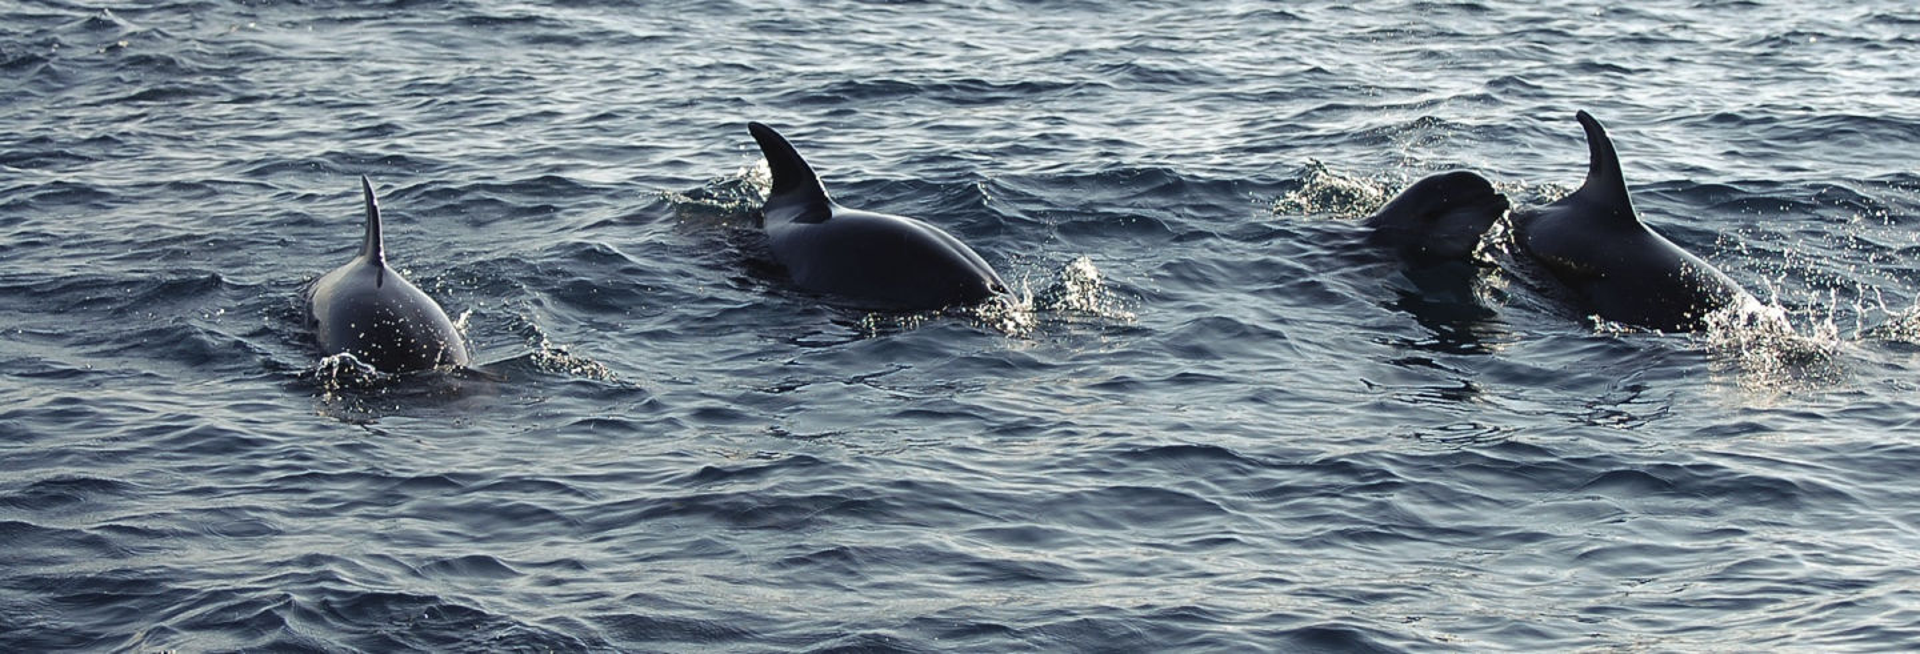 Excursión a Puerto El Morro con avistamiento de delfines